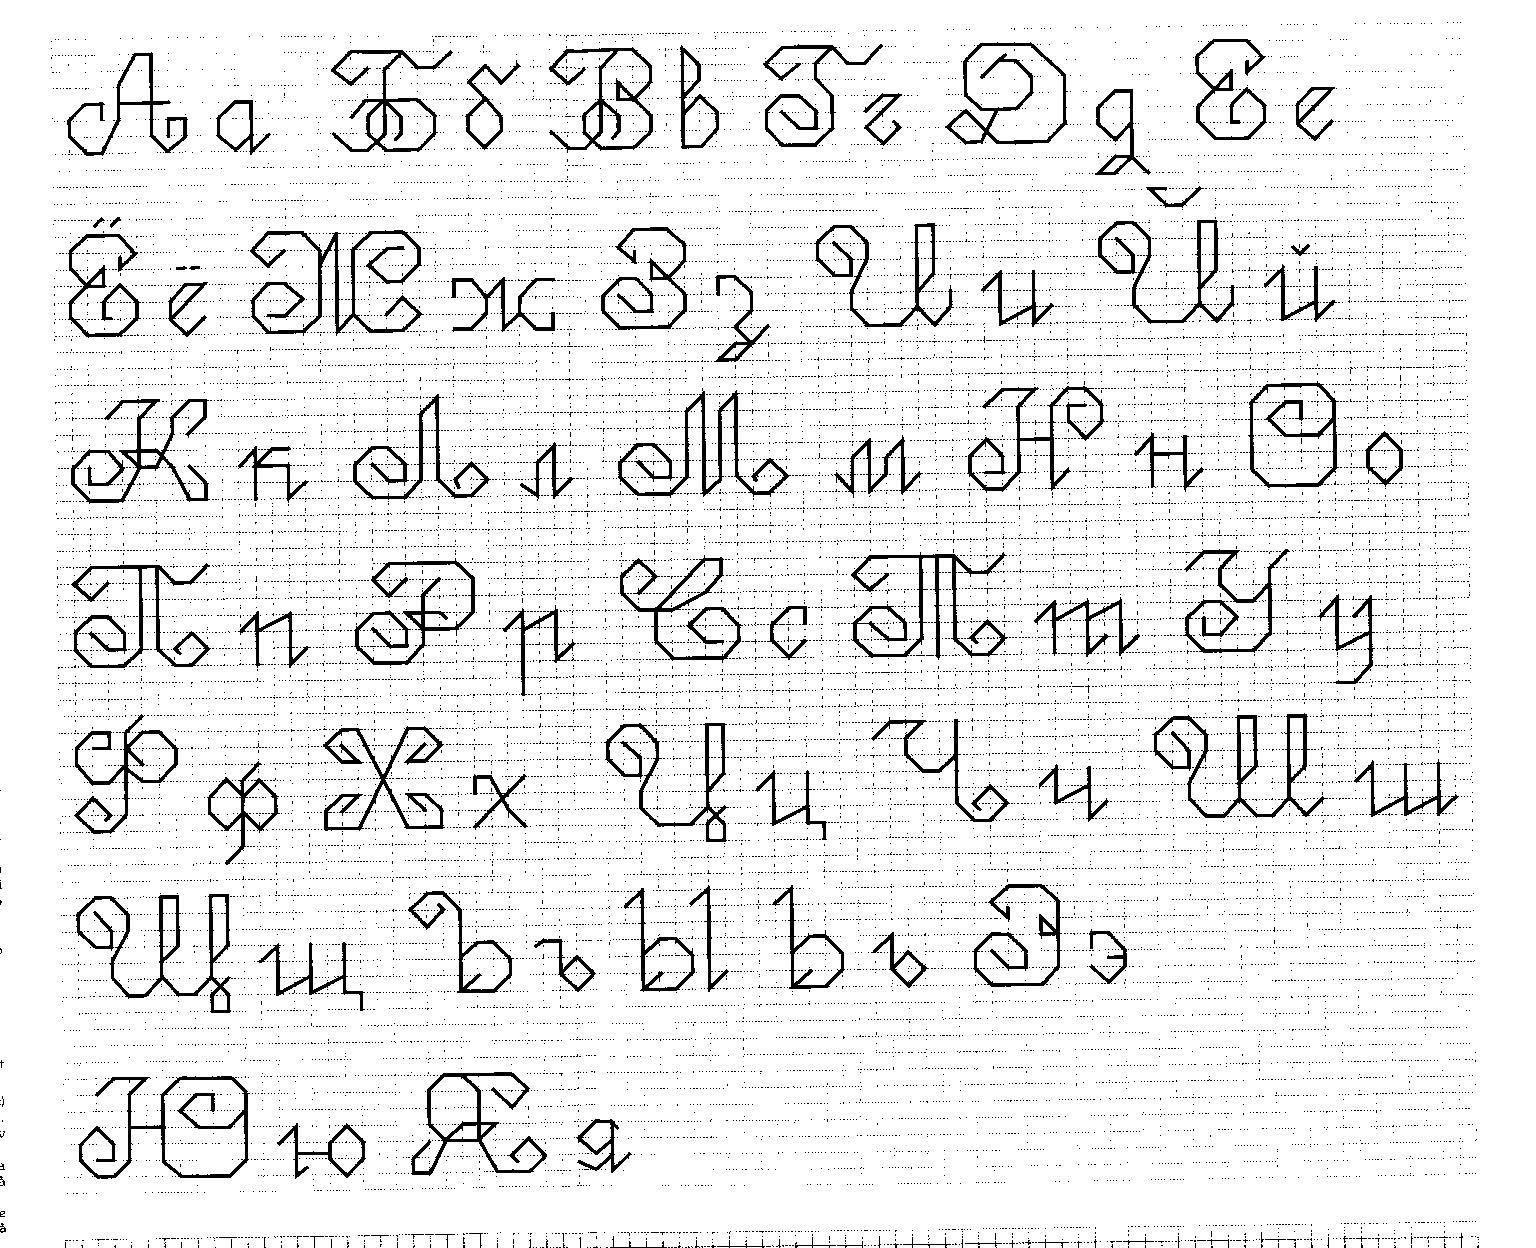 Вышивка гладью алфавит русский схемы